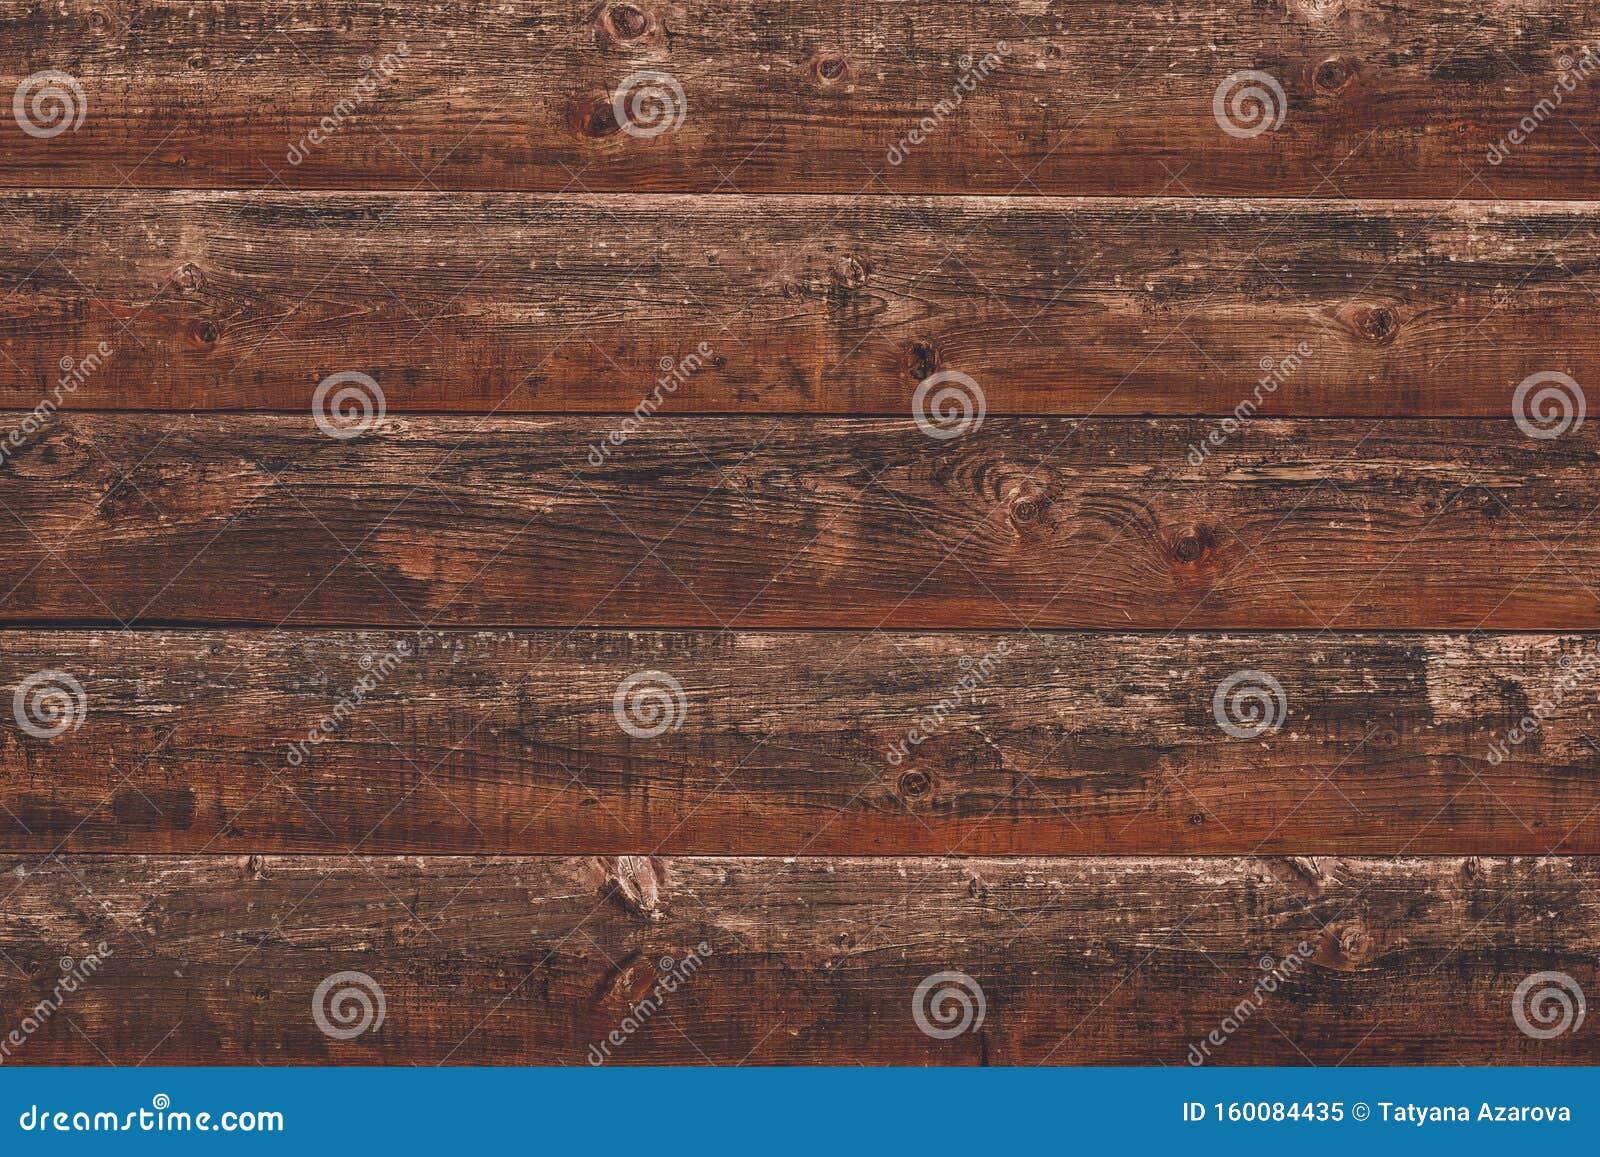 Morceau De Bois Brut bûche vétuste, fond en bois brut lignes horizontales sur la